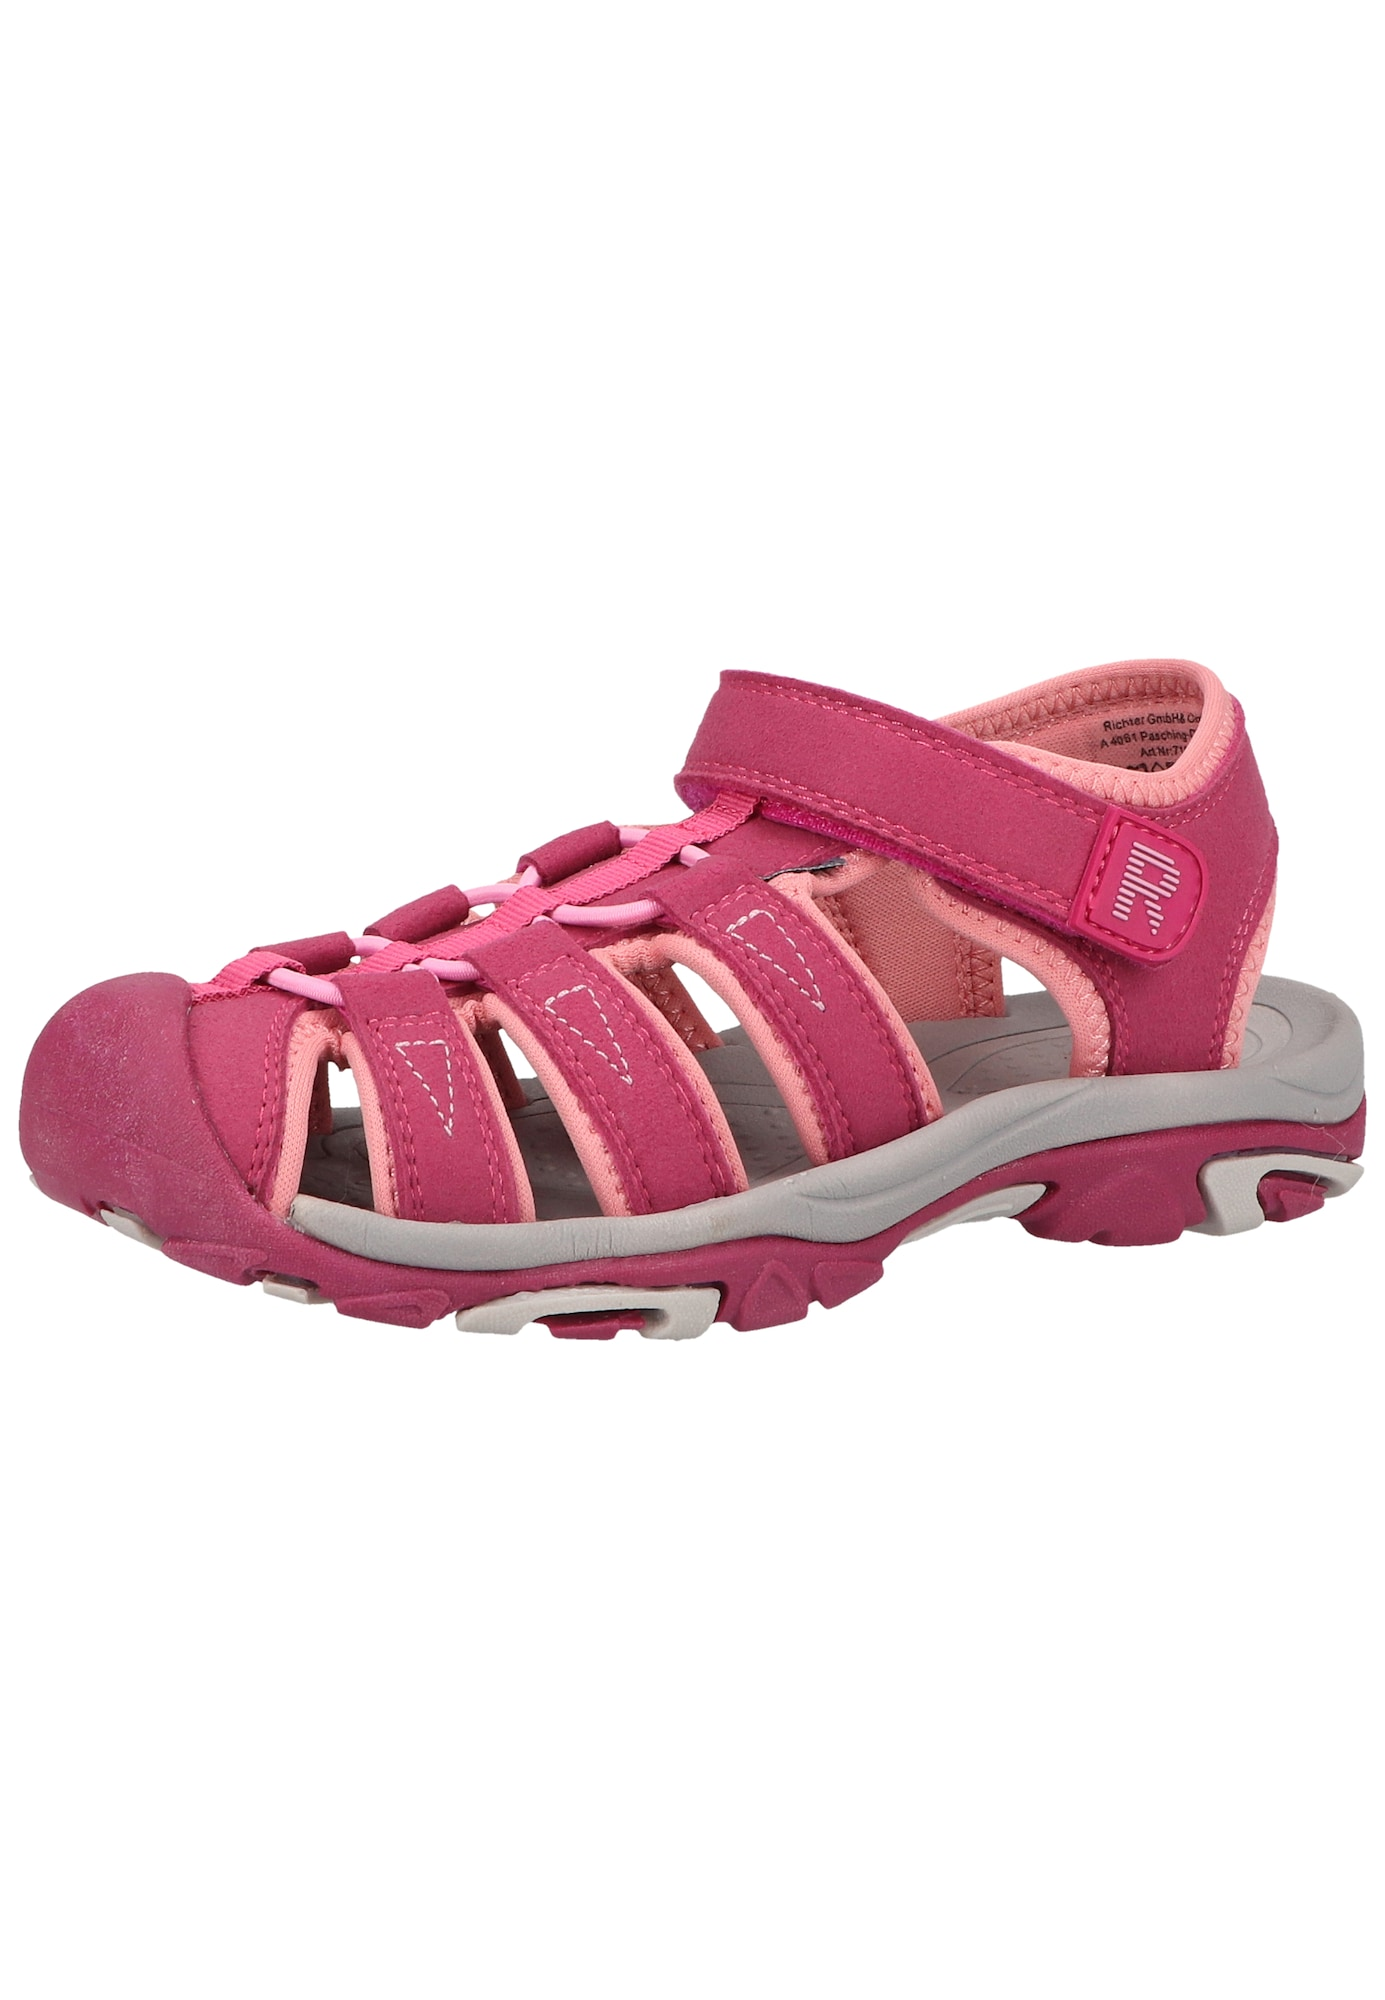 RICHTER Sandalai tamsiai rožinė / ryškiai rožinė spalva